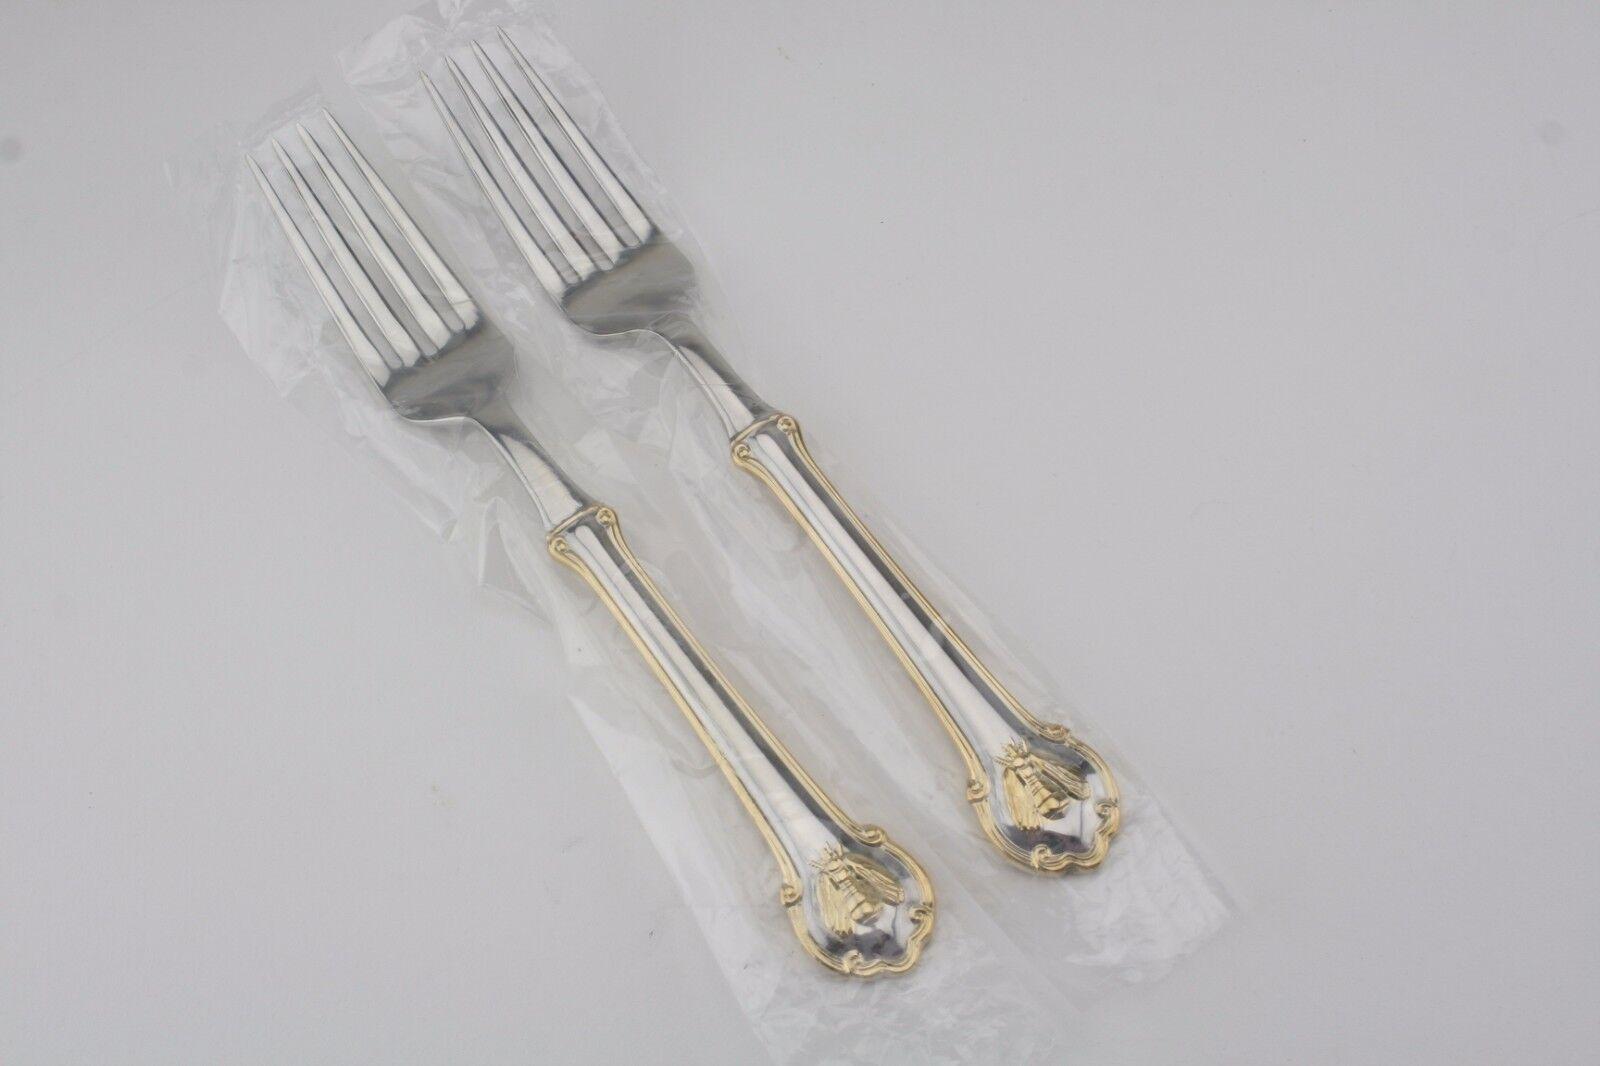 Set of 2 Dinner Forks